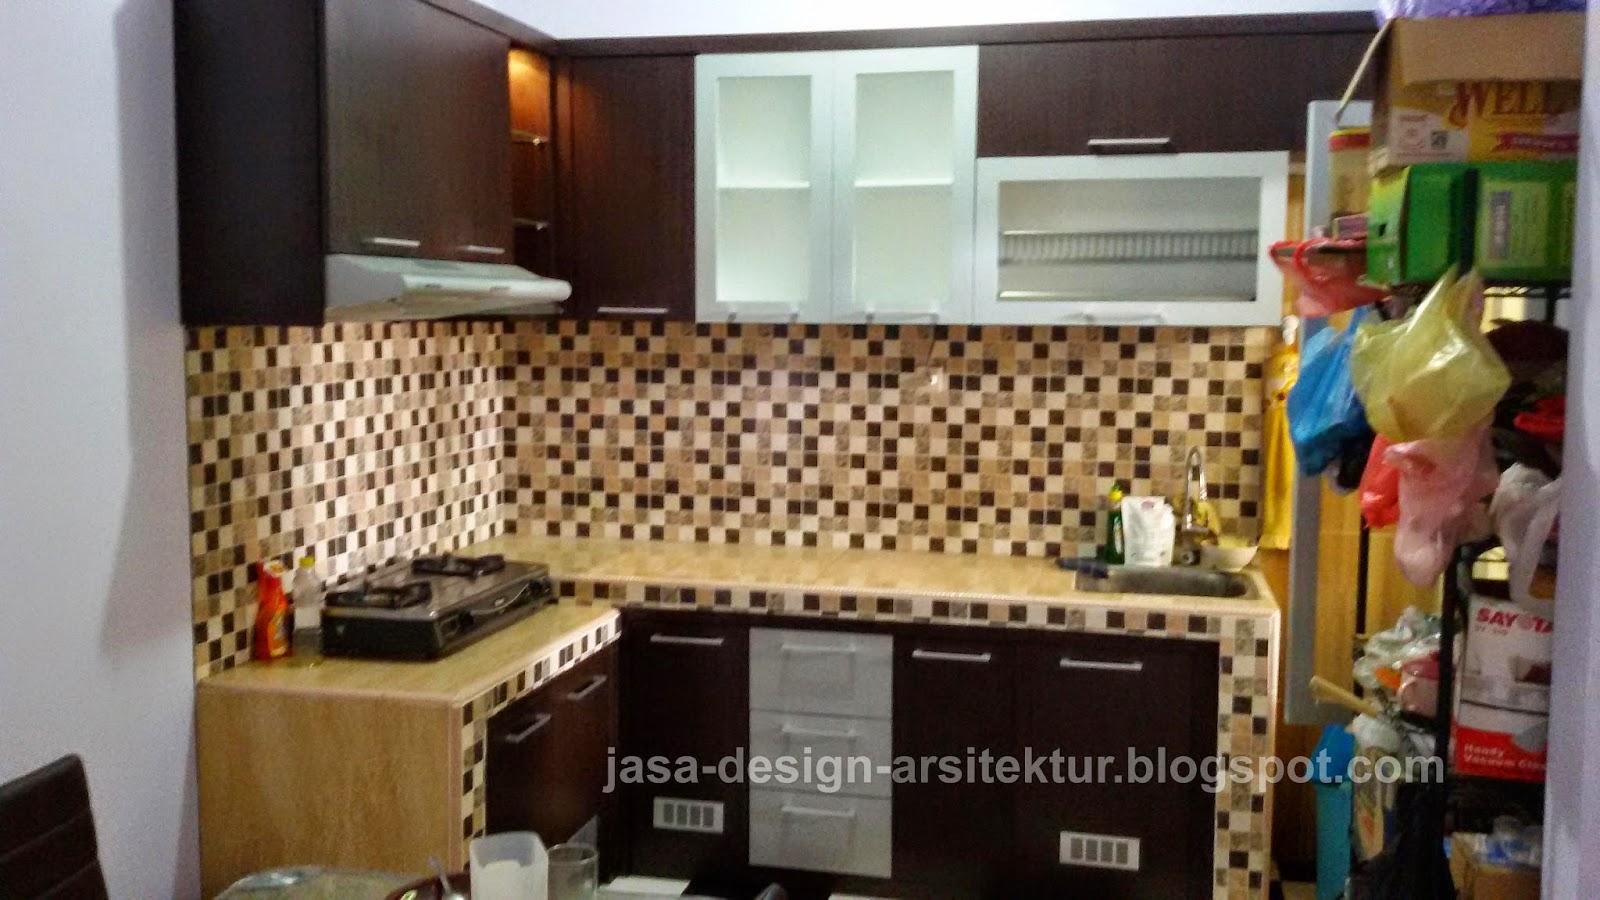 Kontraktor dan desain interior sidoarjo katalog dan harga for Harga granit kitchen set per meter